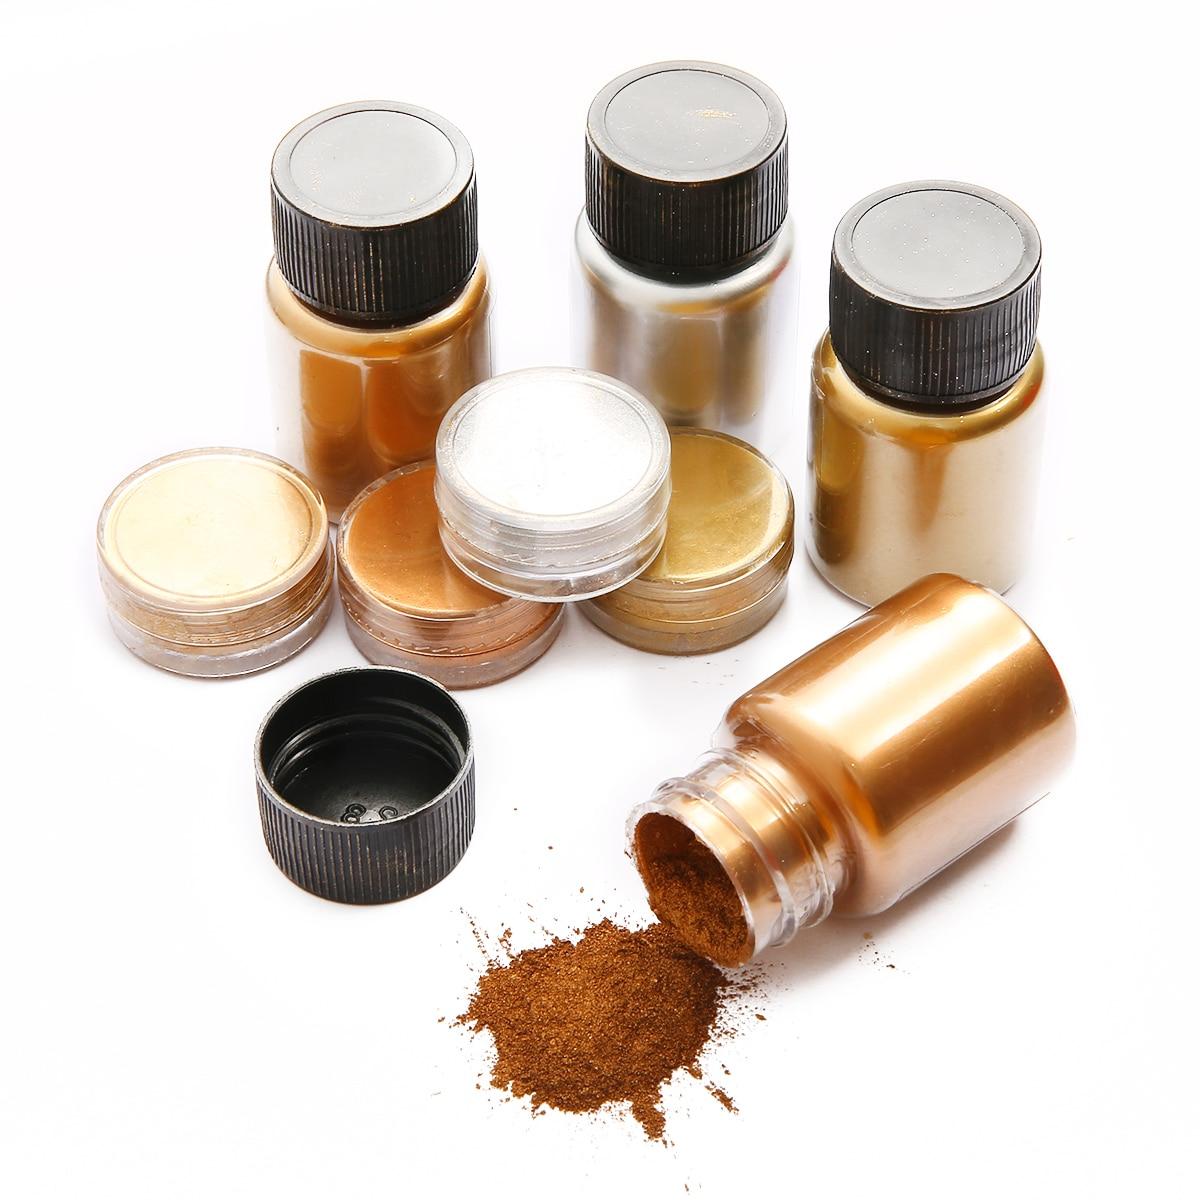 Блестящий пигментный порошок золотого и серебряного цвета, 3-25 г, цветной перламутровый пигмент, краситель для уф смолы, эпоксидная смола, фу...